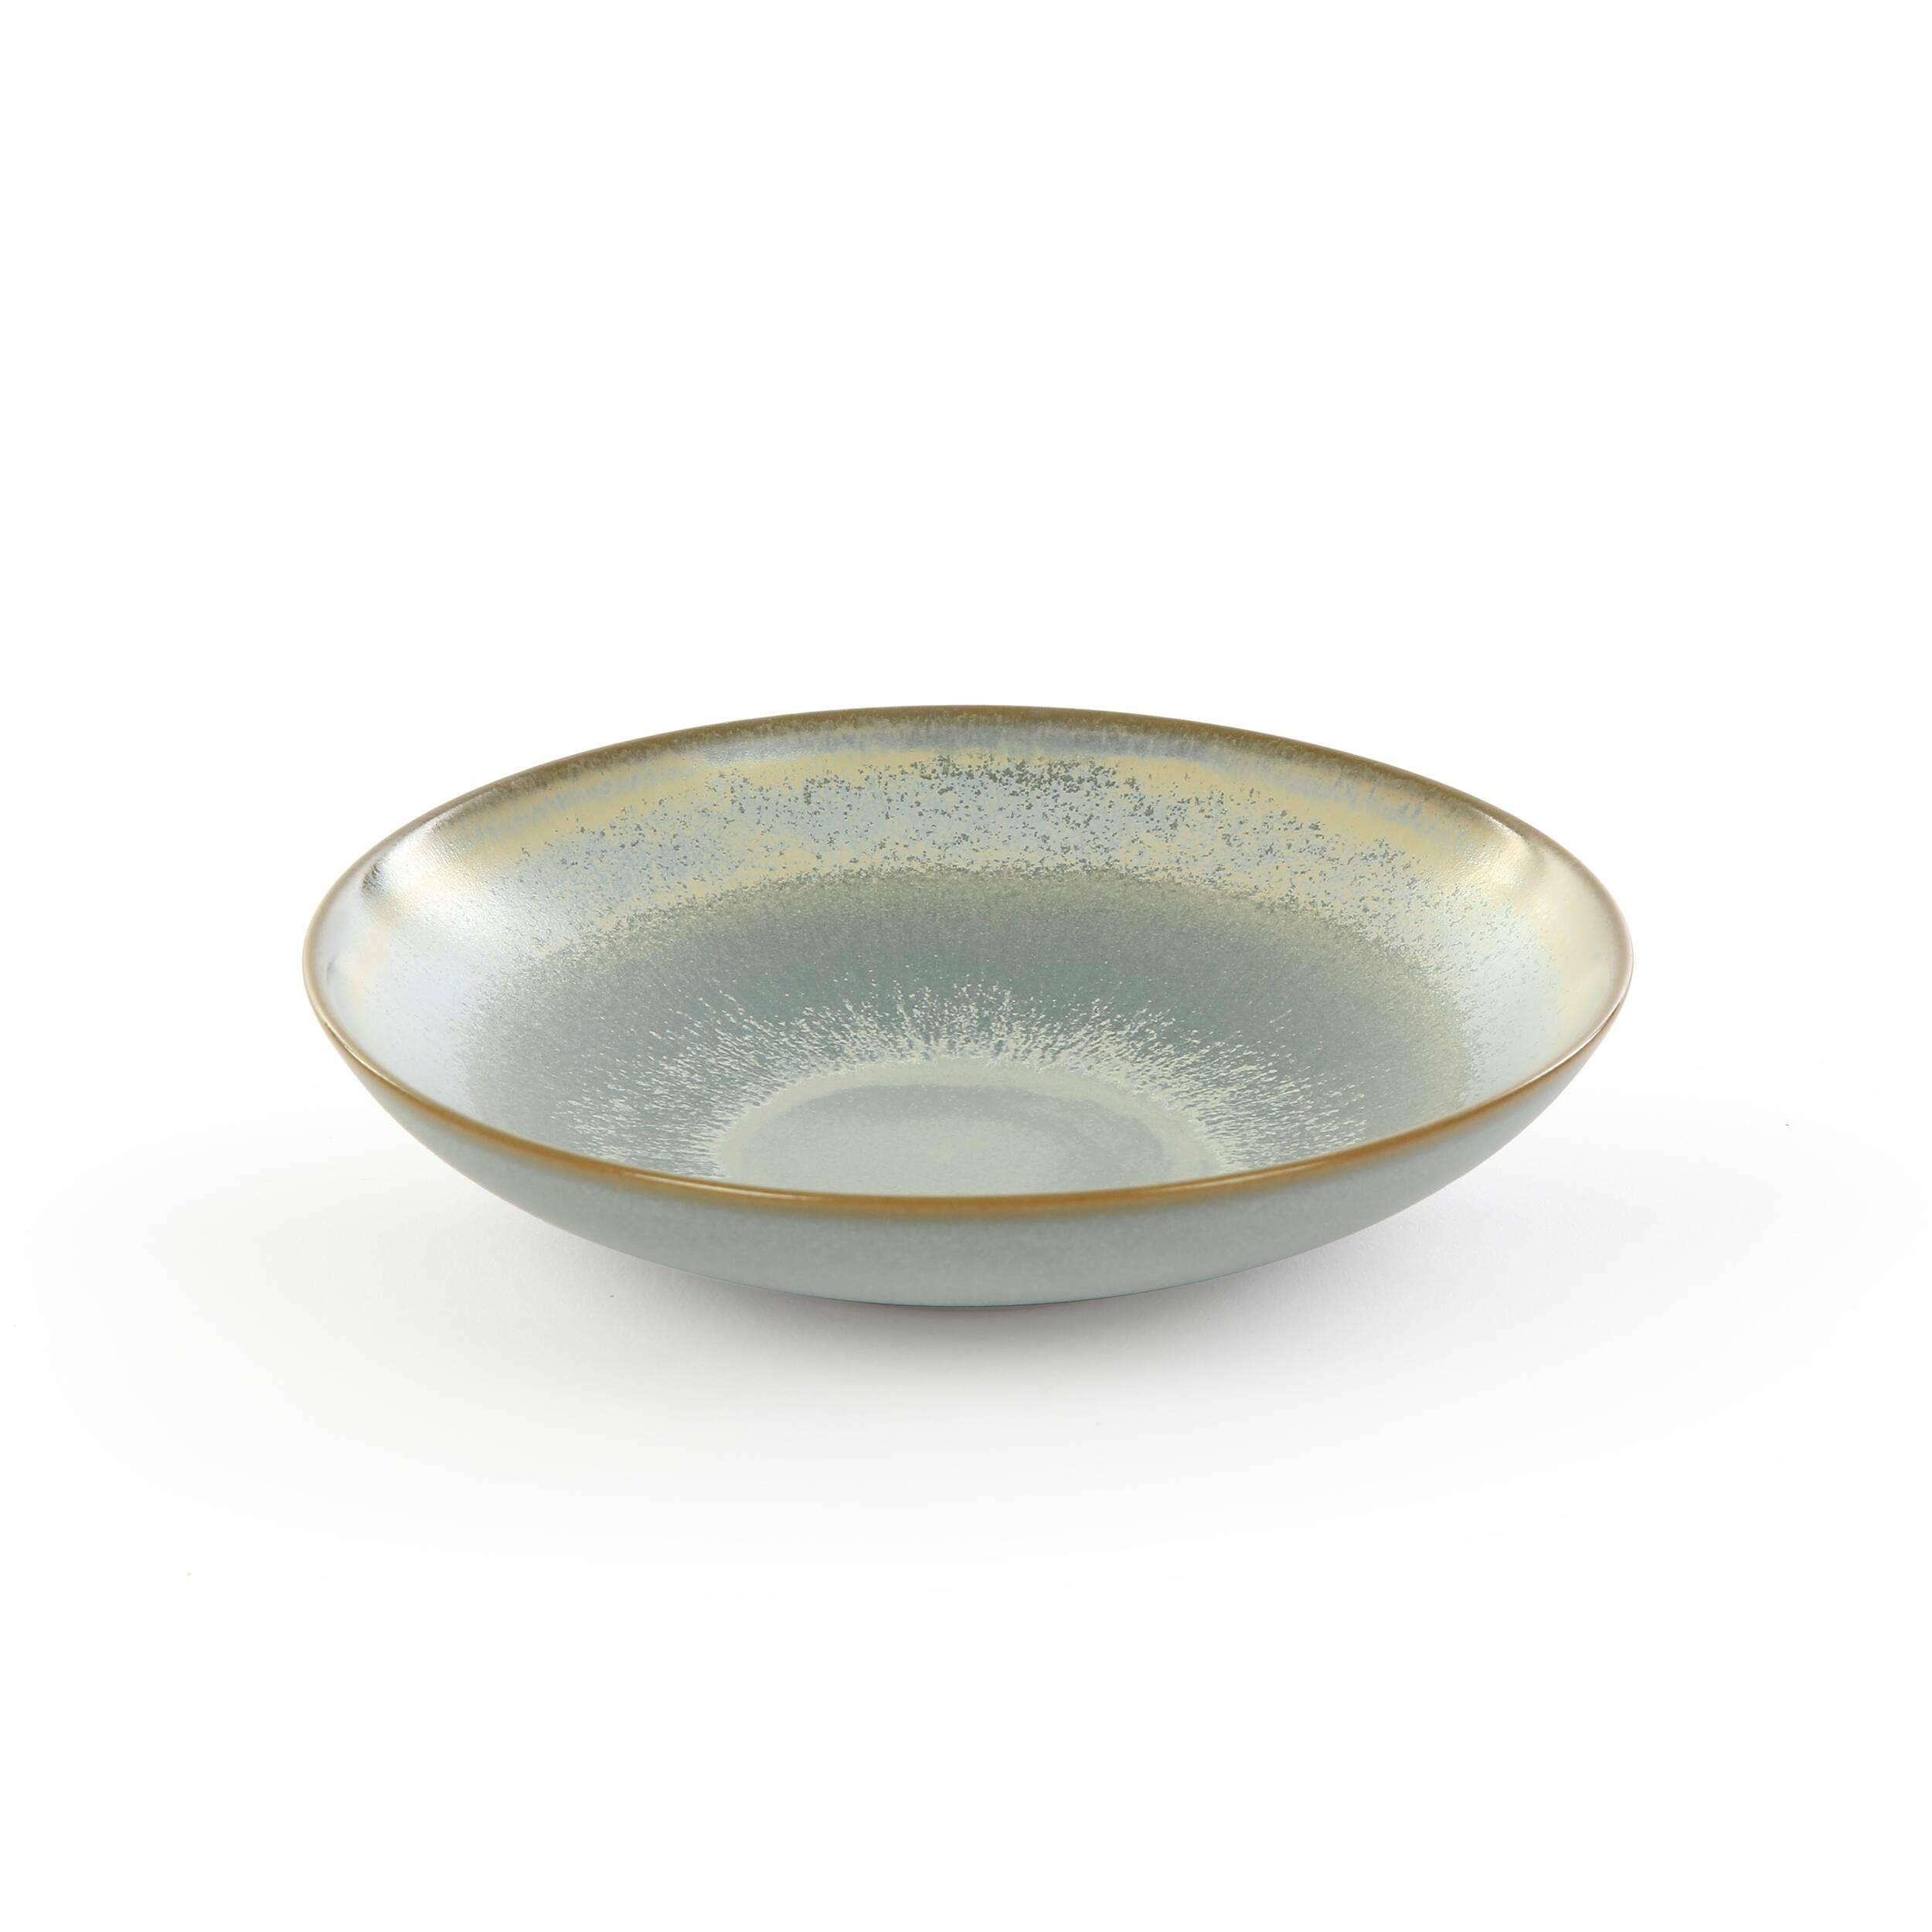 Посуда Cosmo 15580900 от Cosmorelax